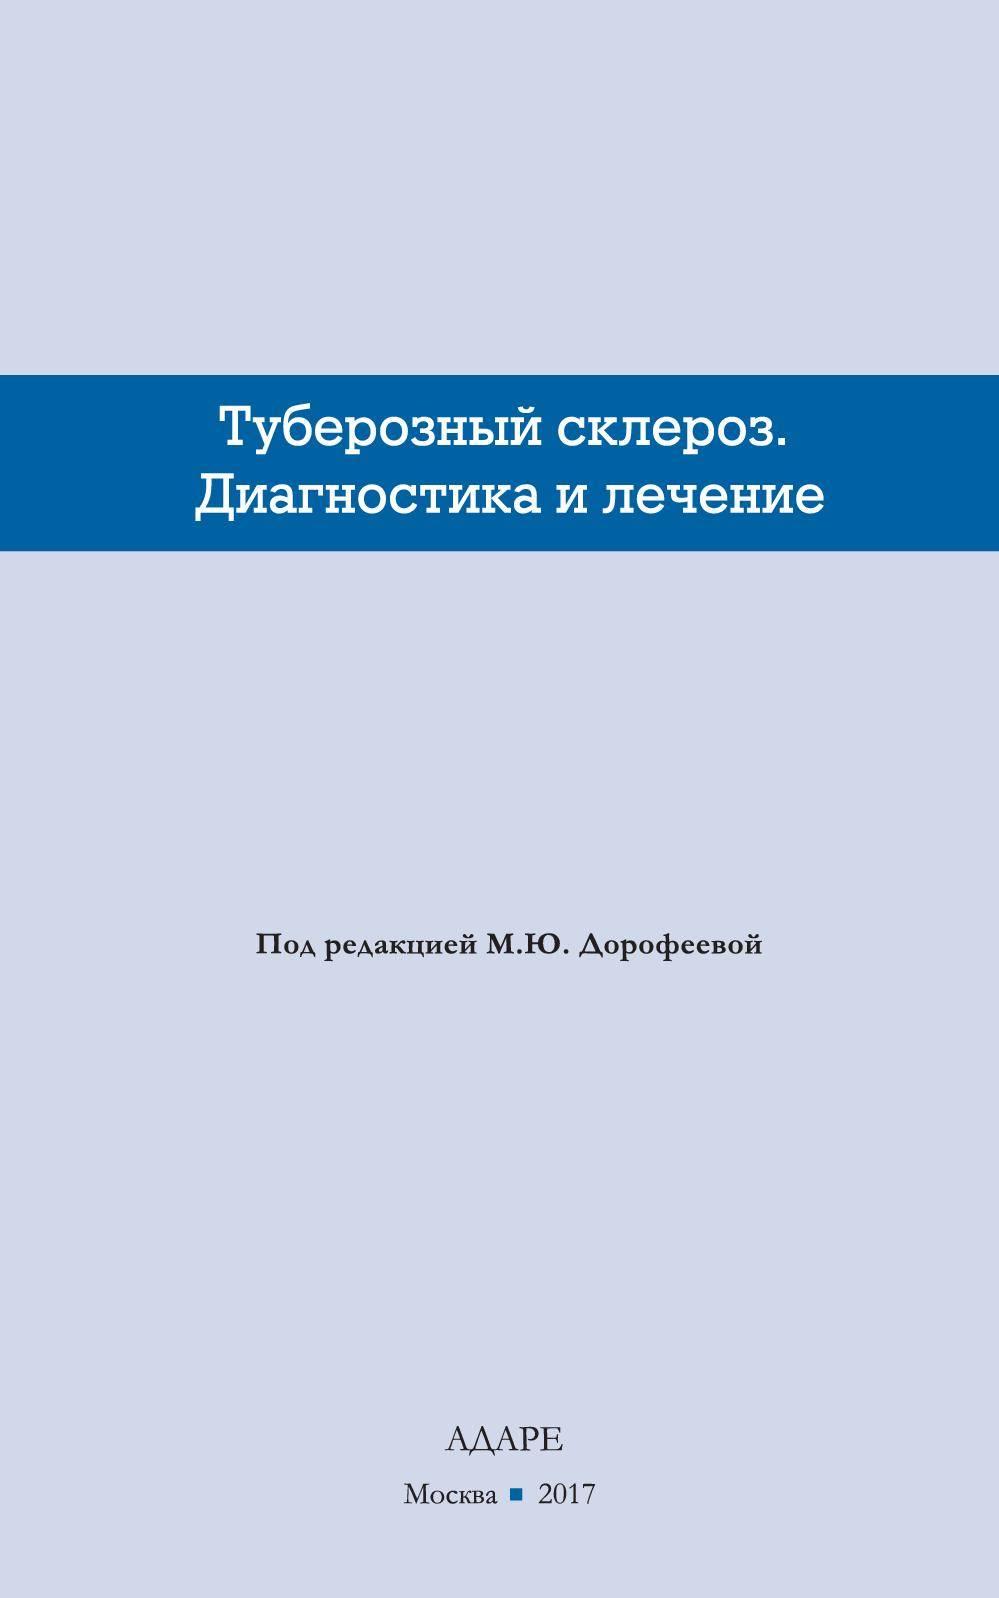 Что такое туберозный склероз: симптомы, диагностика и лечение